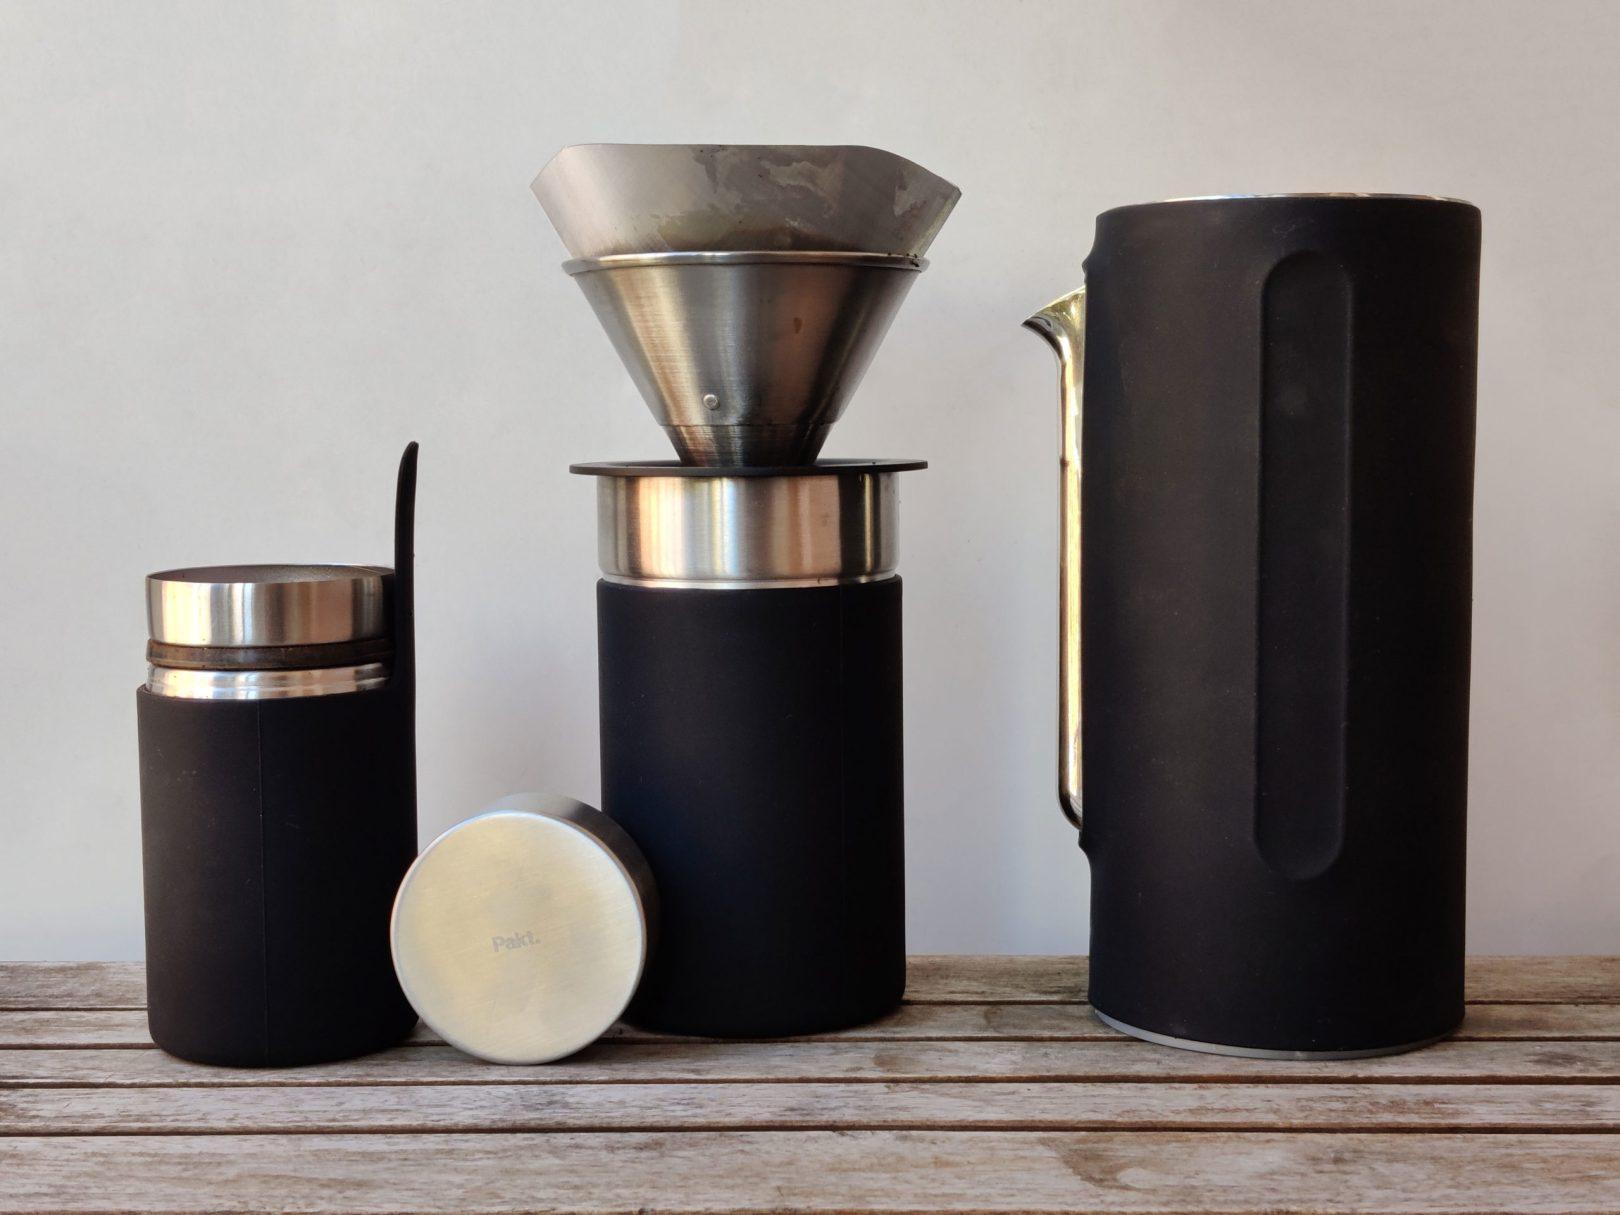 Café Coffee Kit Pakt de voyage idée cadeau